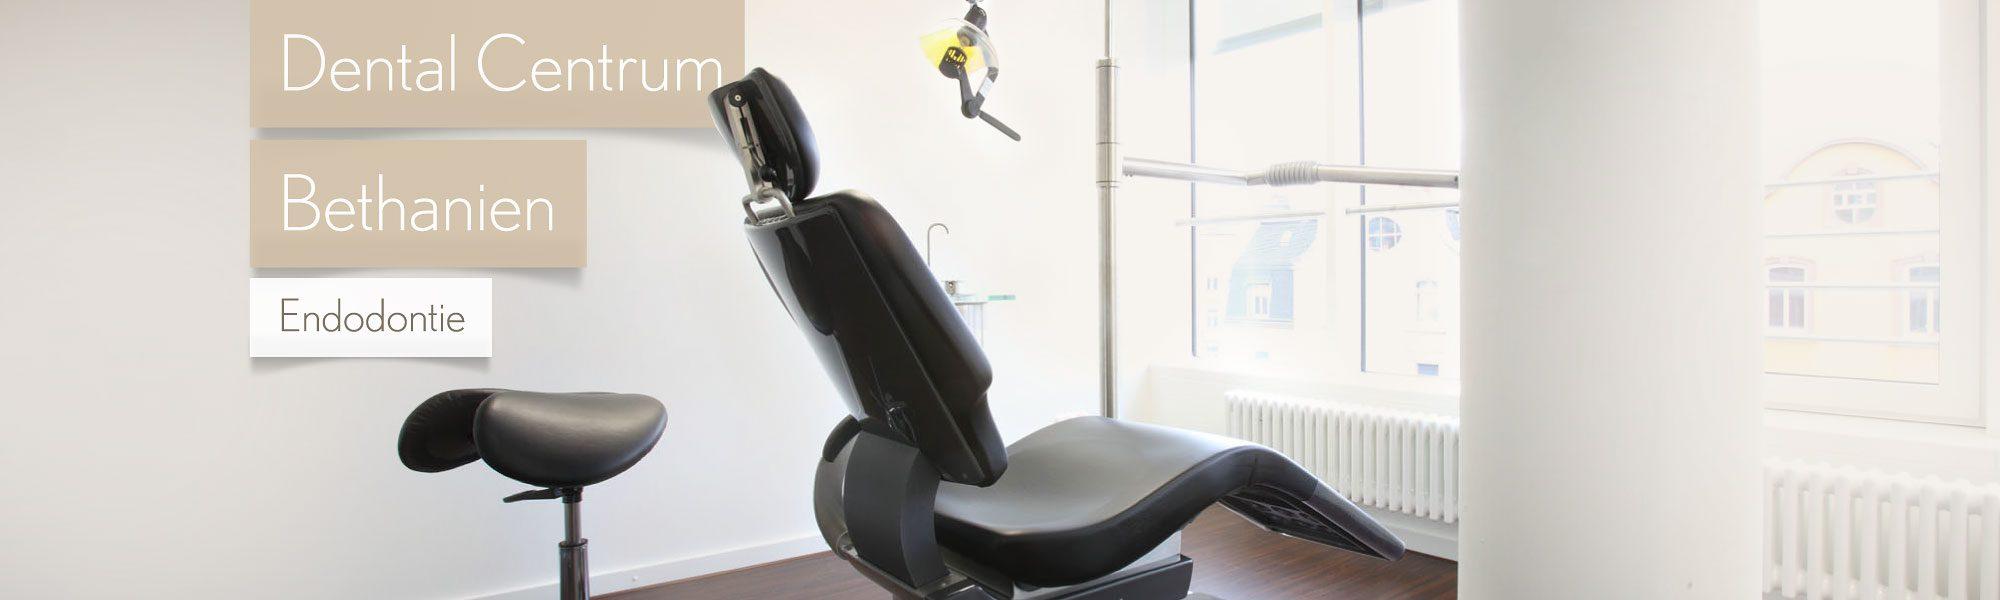 Zahnwurzel bei Groisman & Laube in Frankfurt behandeln lassen